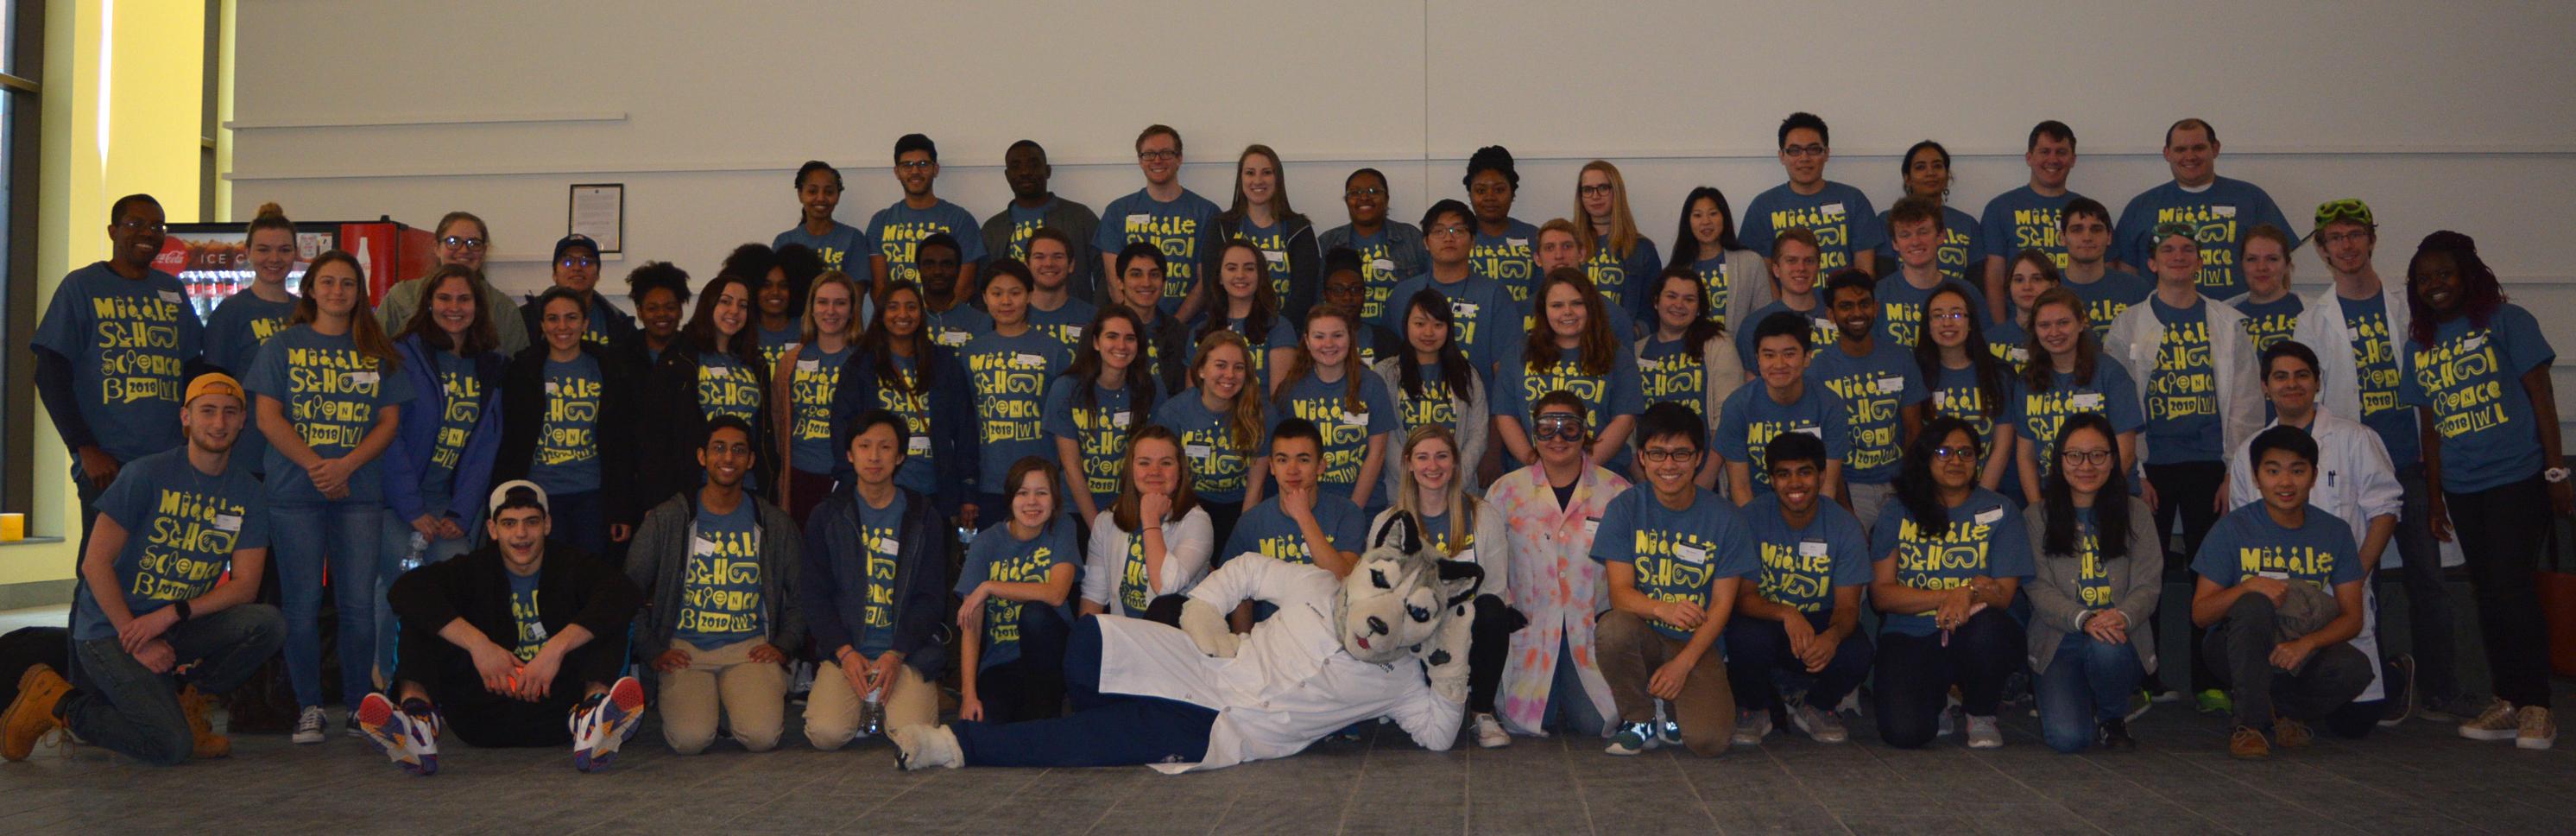 2018 Science Bowl Volunteers